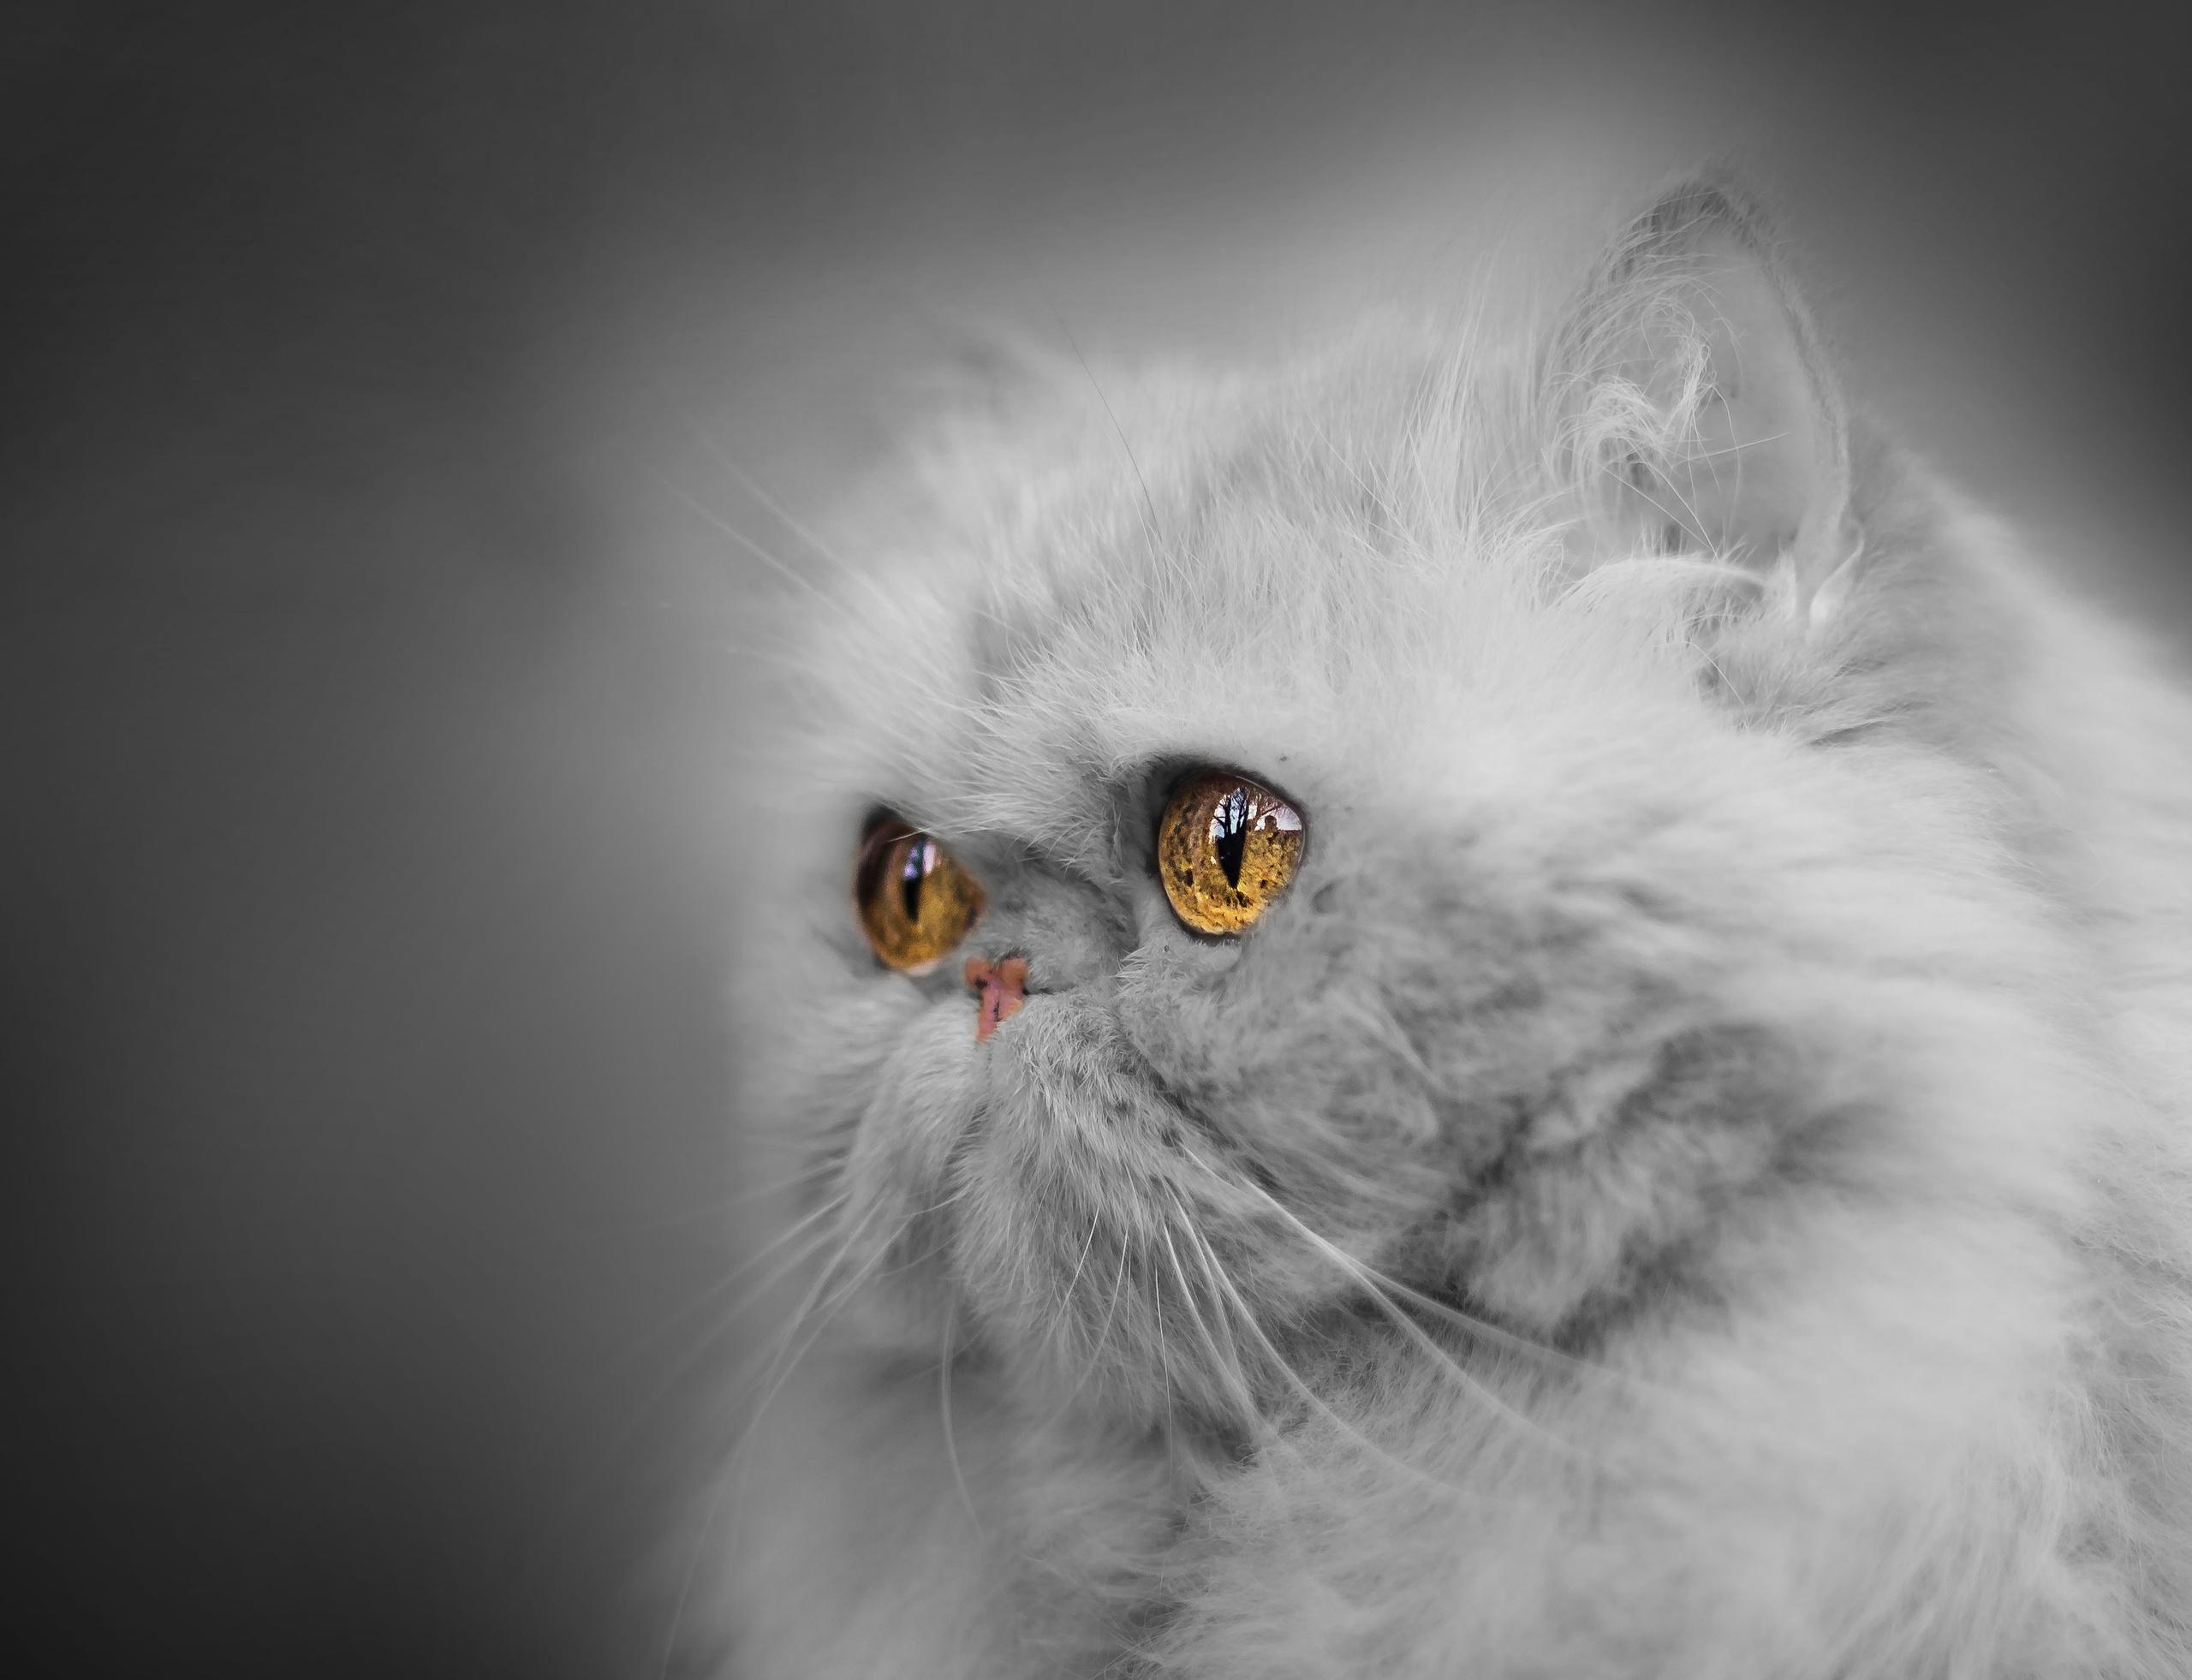 Image: Cat, white, eyes, look, muzzle